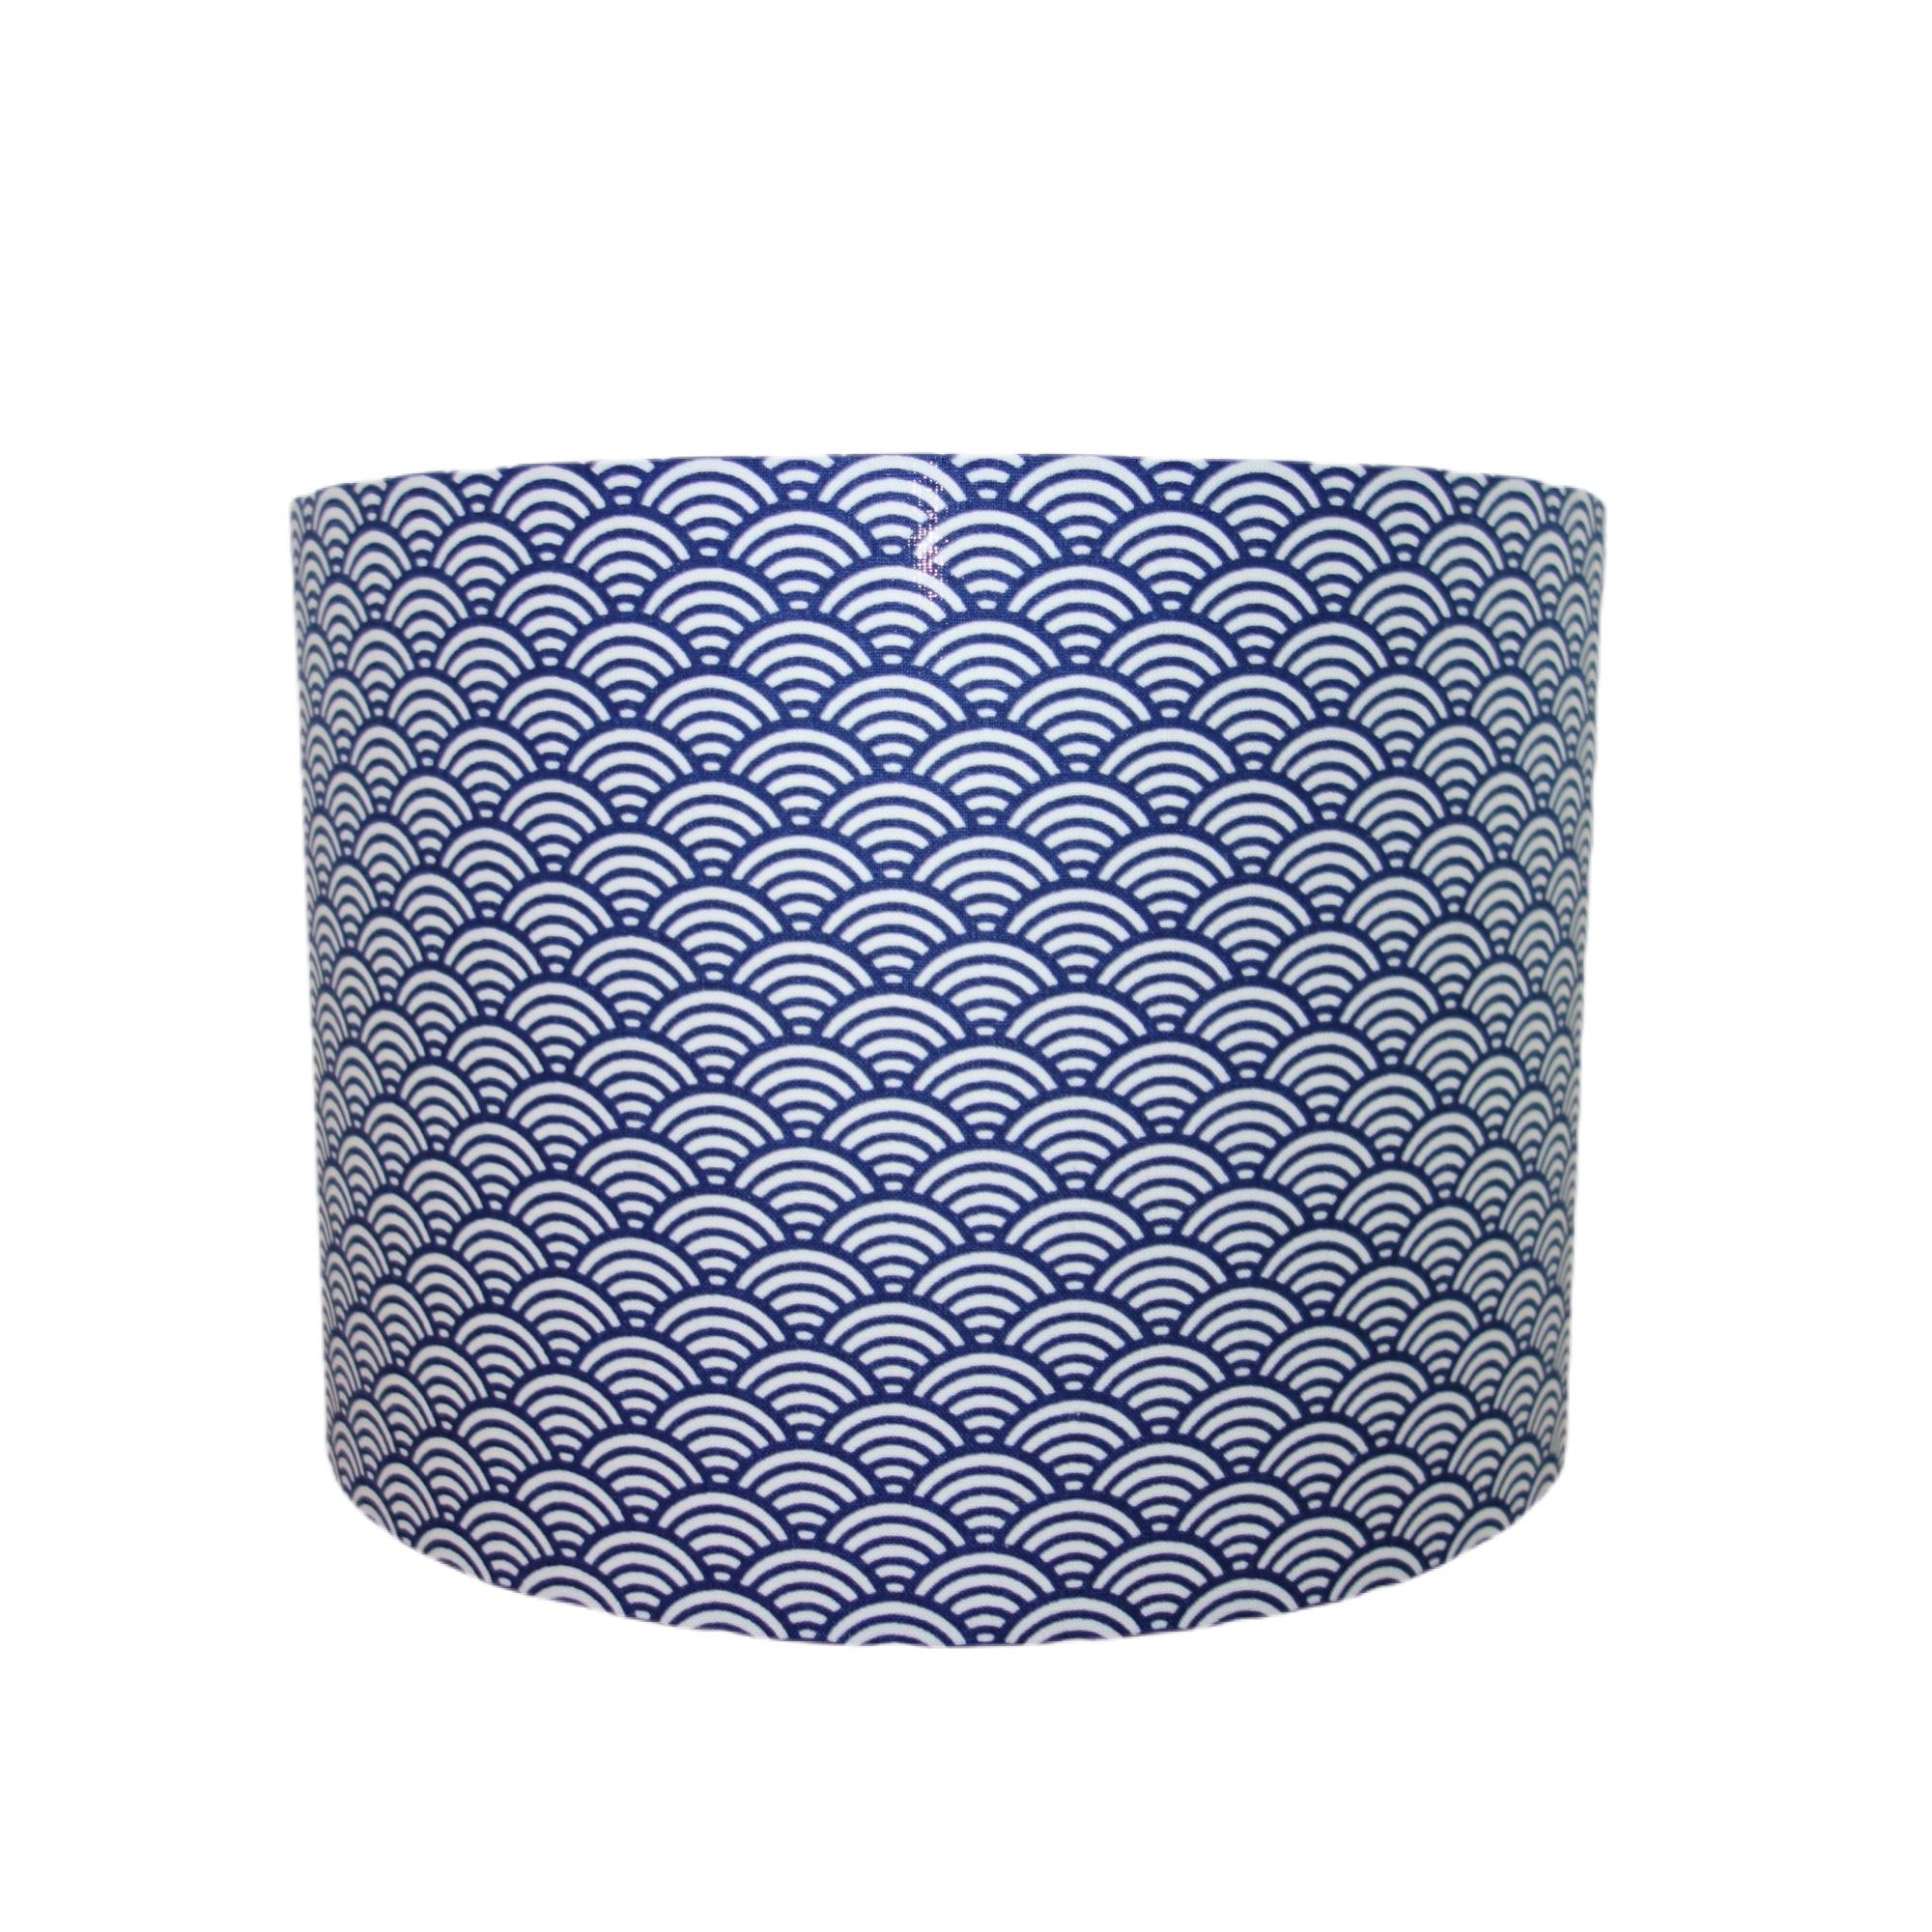 Suspension vague bleu marine diamètre 45 cm